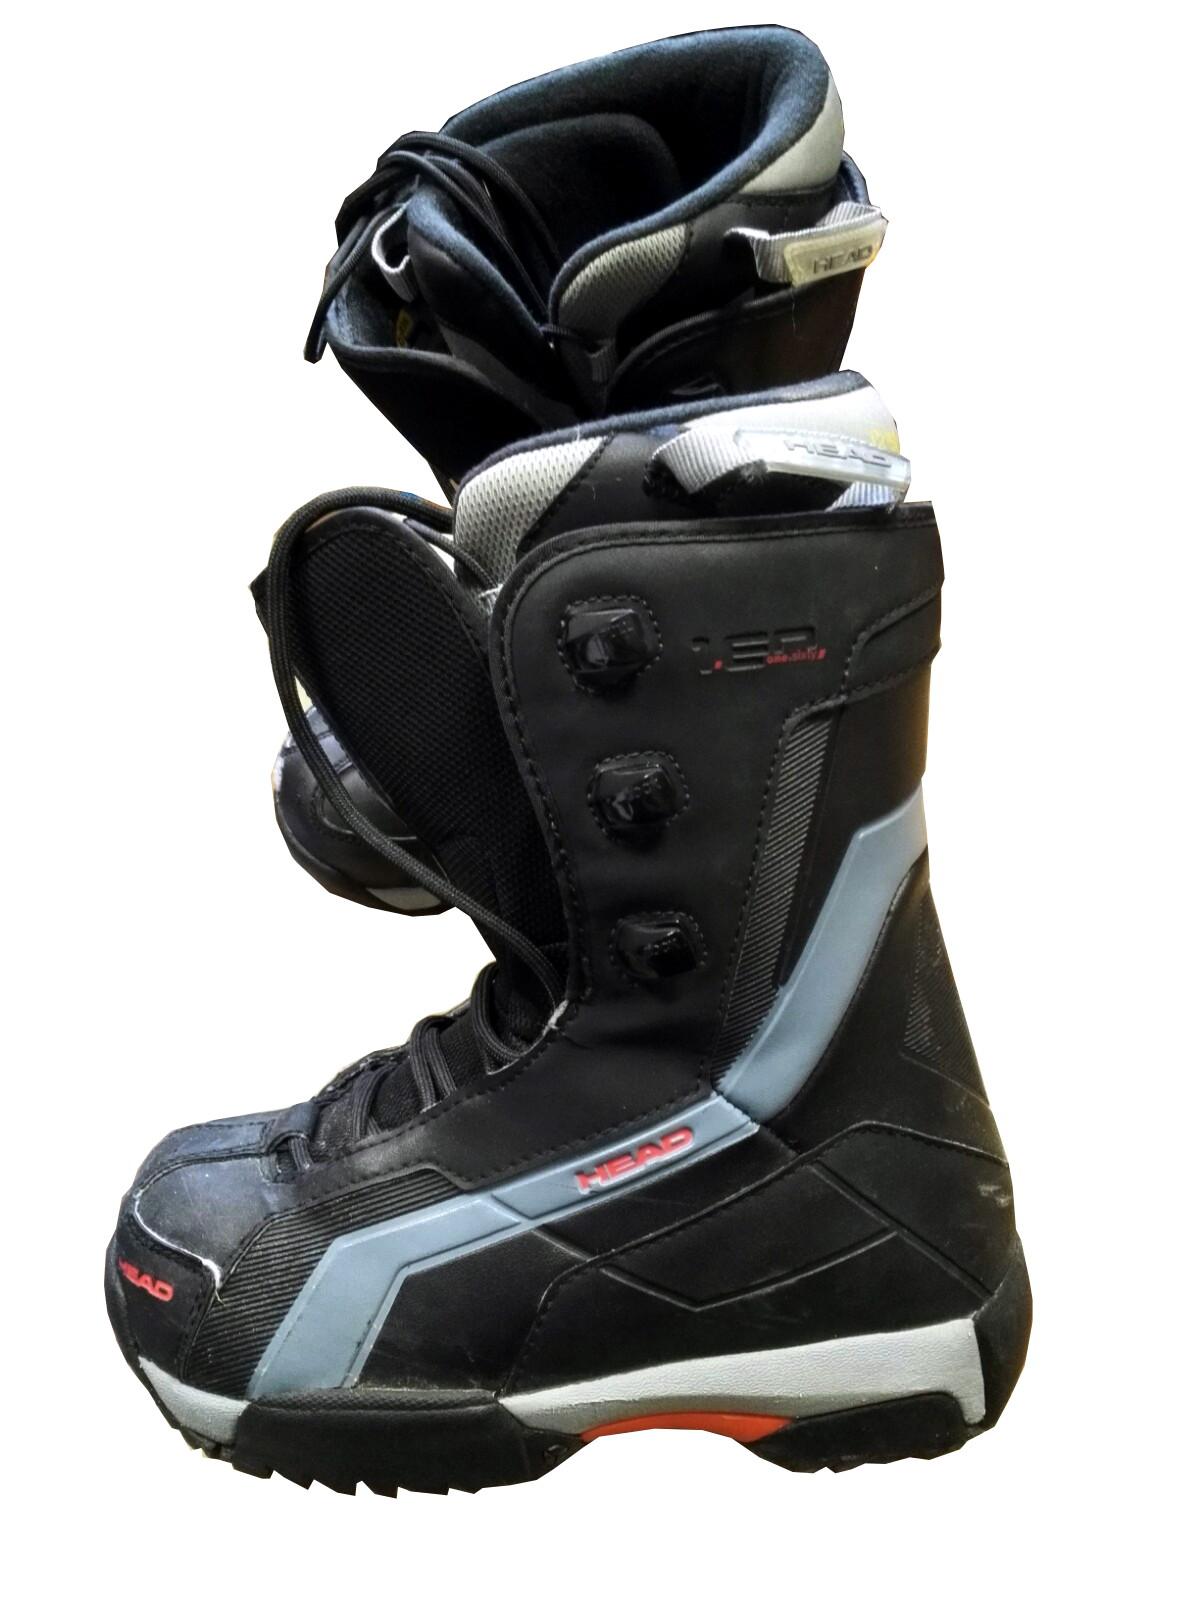 Buty snowboardowe chłopięce HEAD rozmiar 36,5